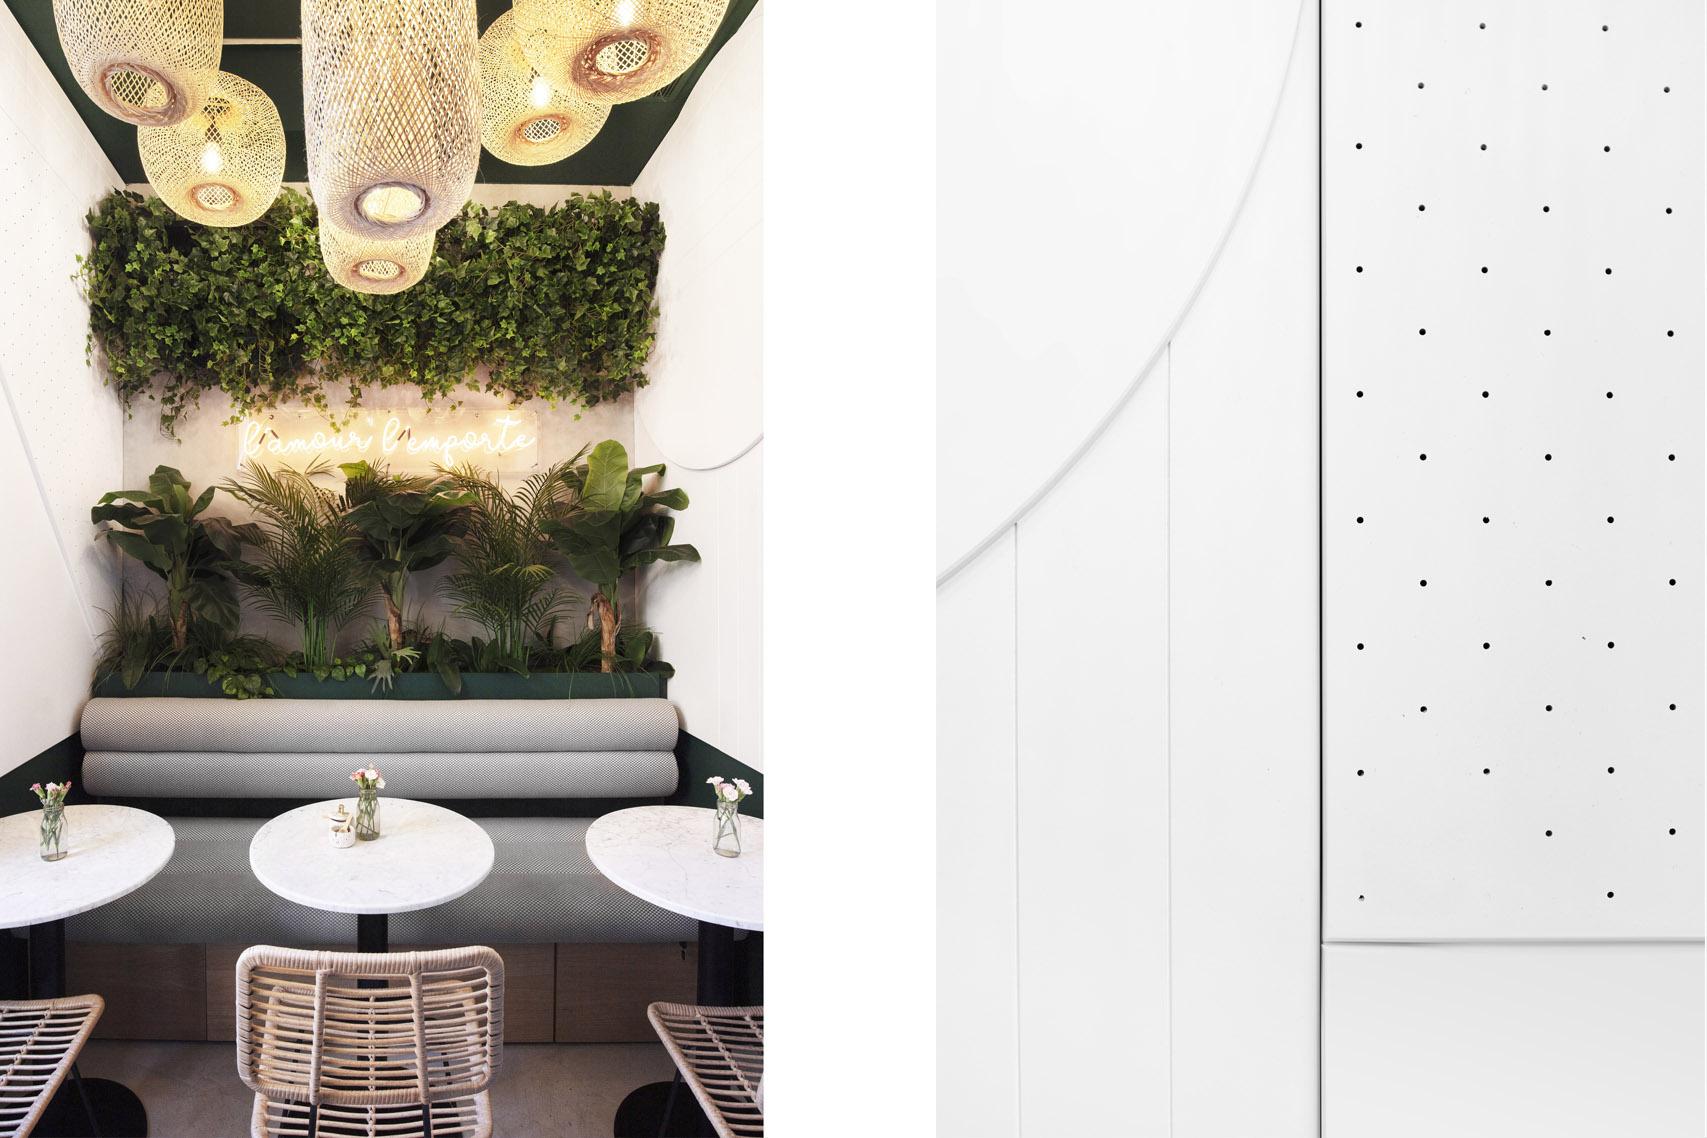 Habillage mural acoustique – Banquette avec rangements – Tables – Crédit Photo: Studio 614